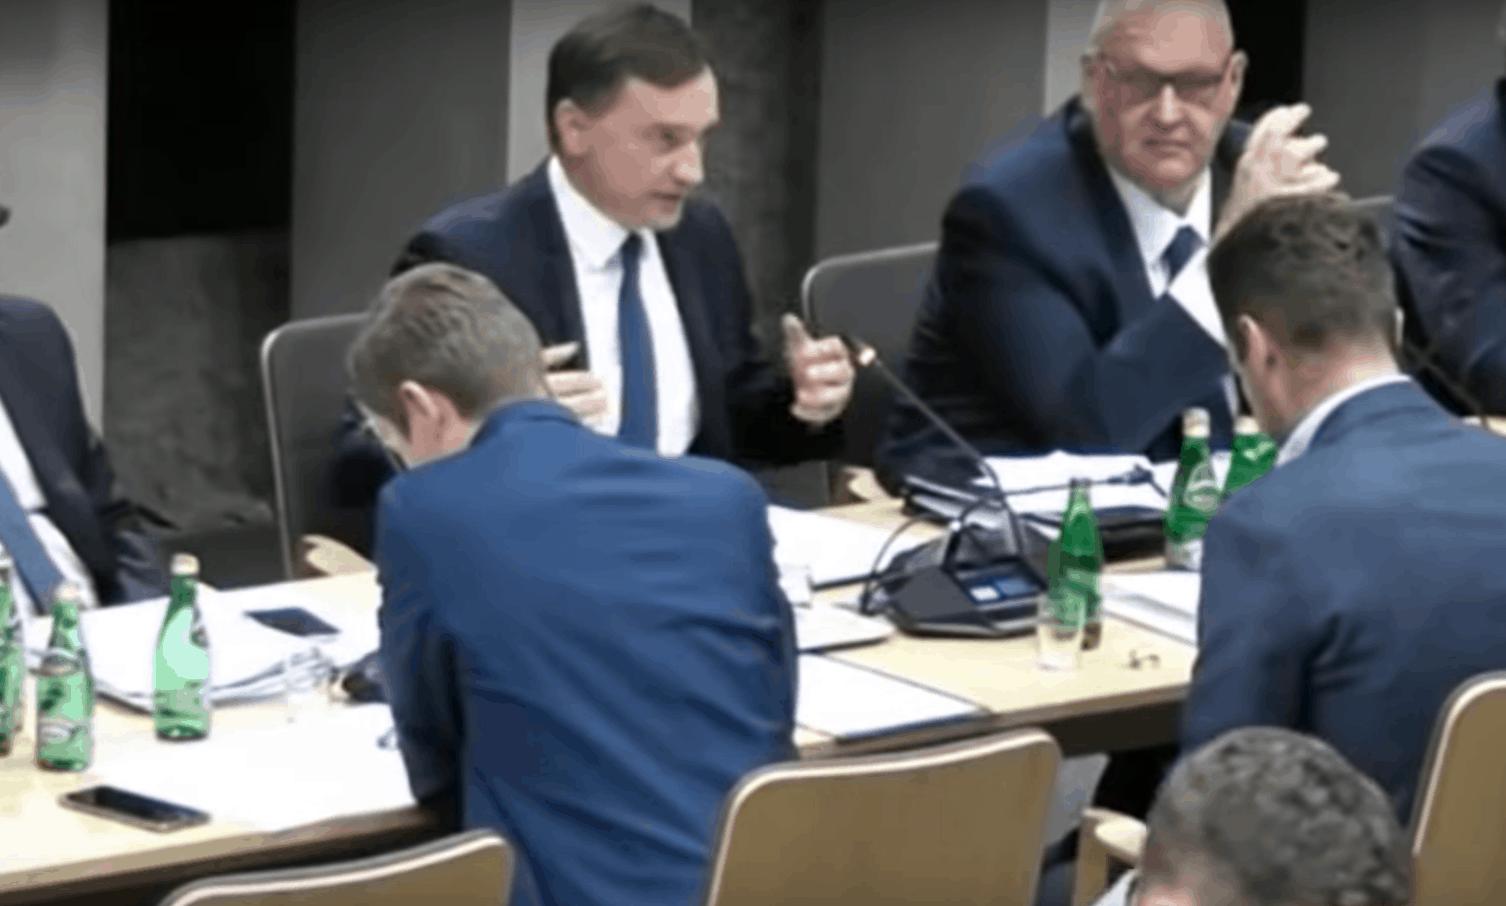 Borys Budka z PO próbował zdymisjonować ministra sprawiedliwości w rządzie PiS. Zbigniew Ziobro celnie go wypunktował, poseł PO nie miał argumentów.